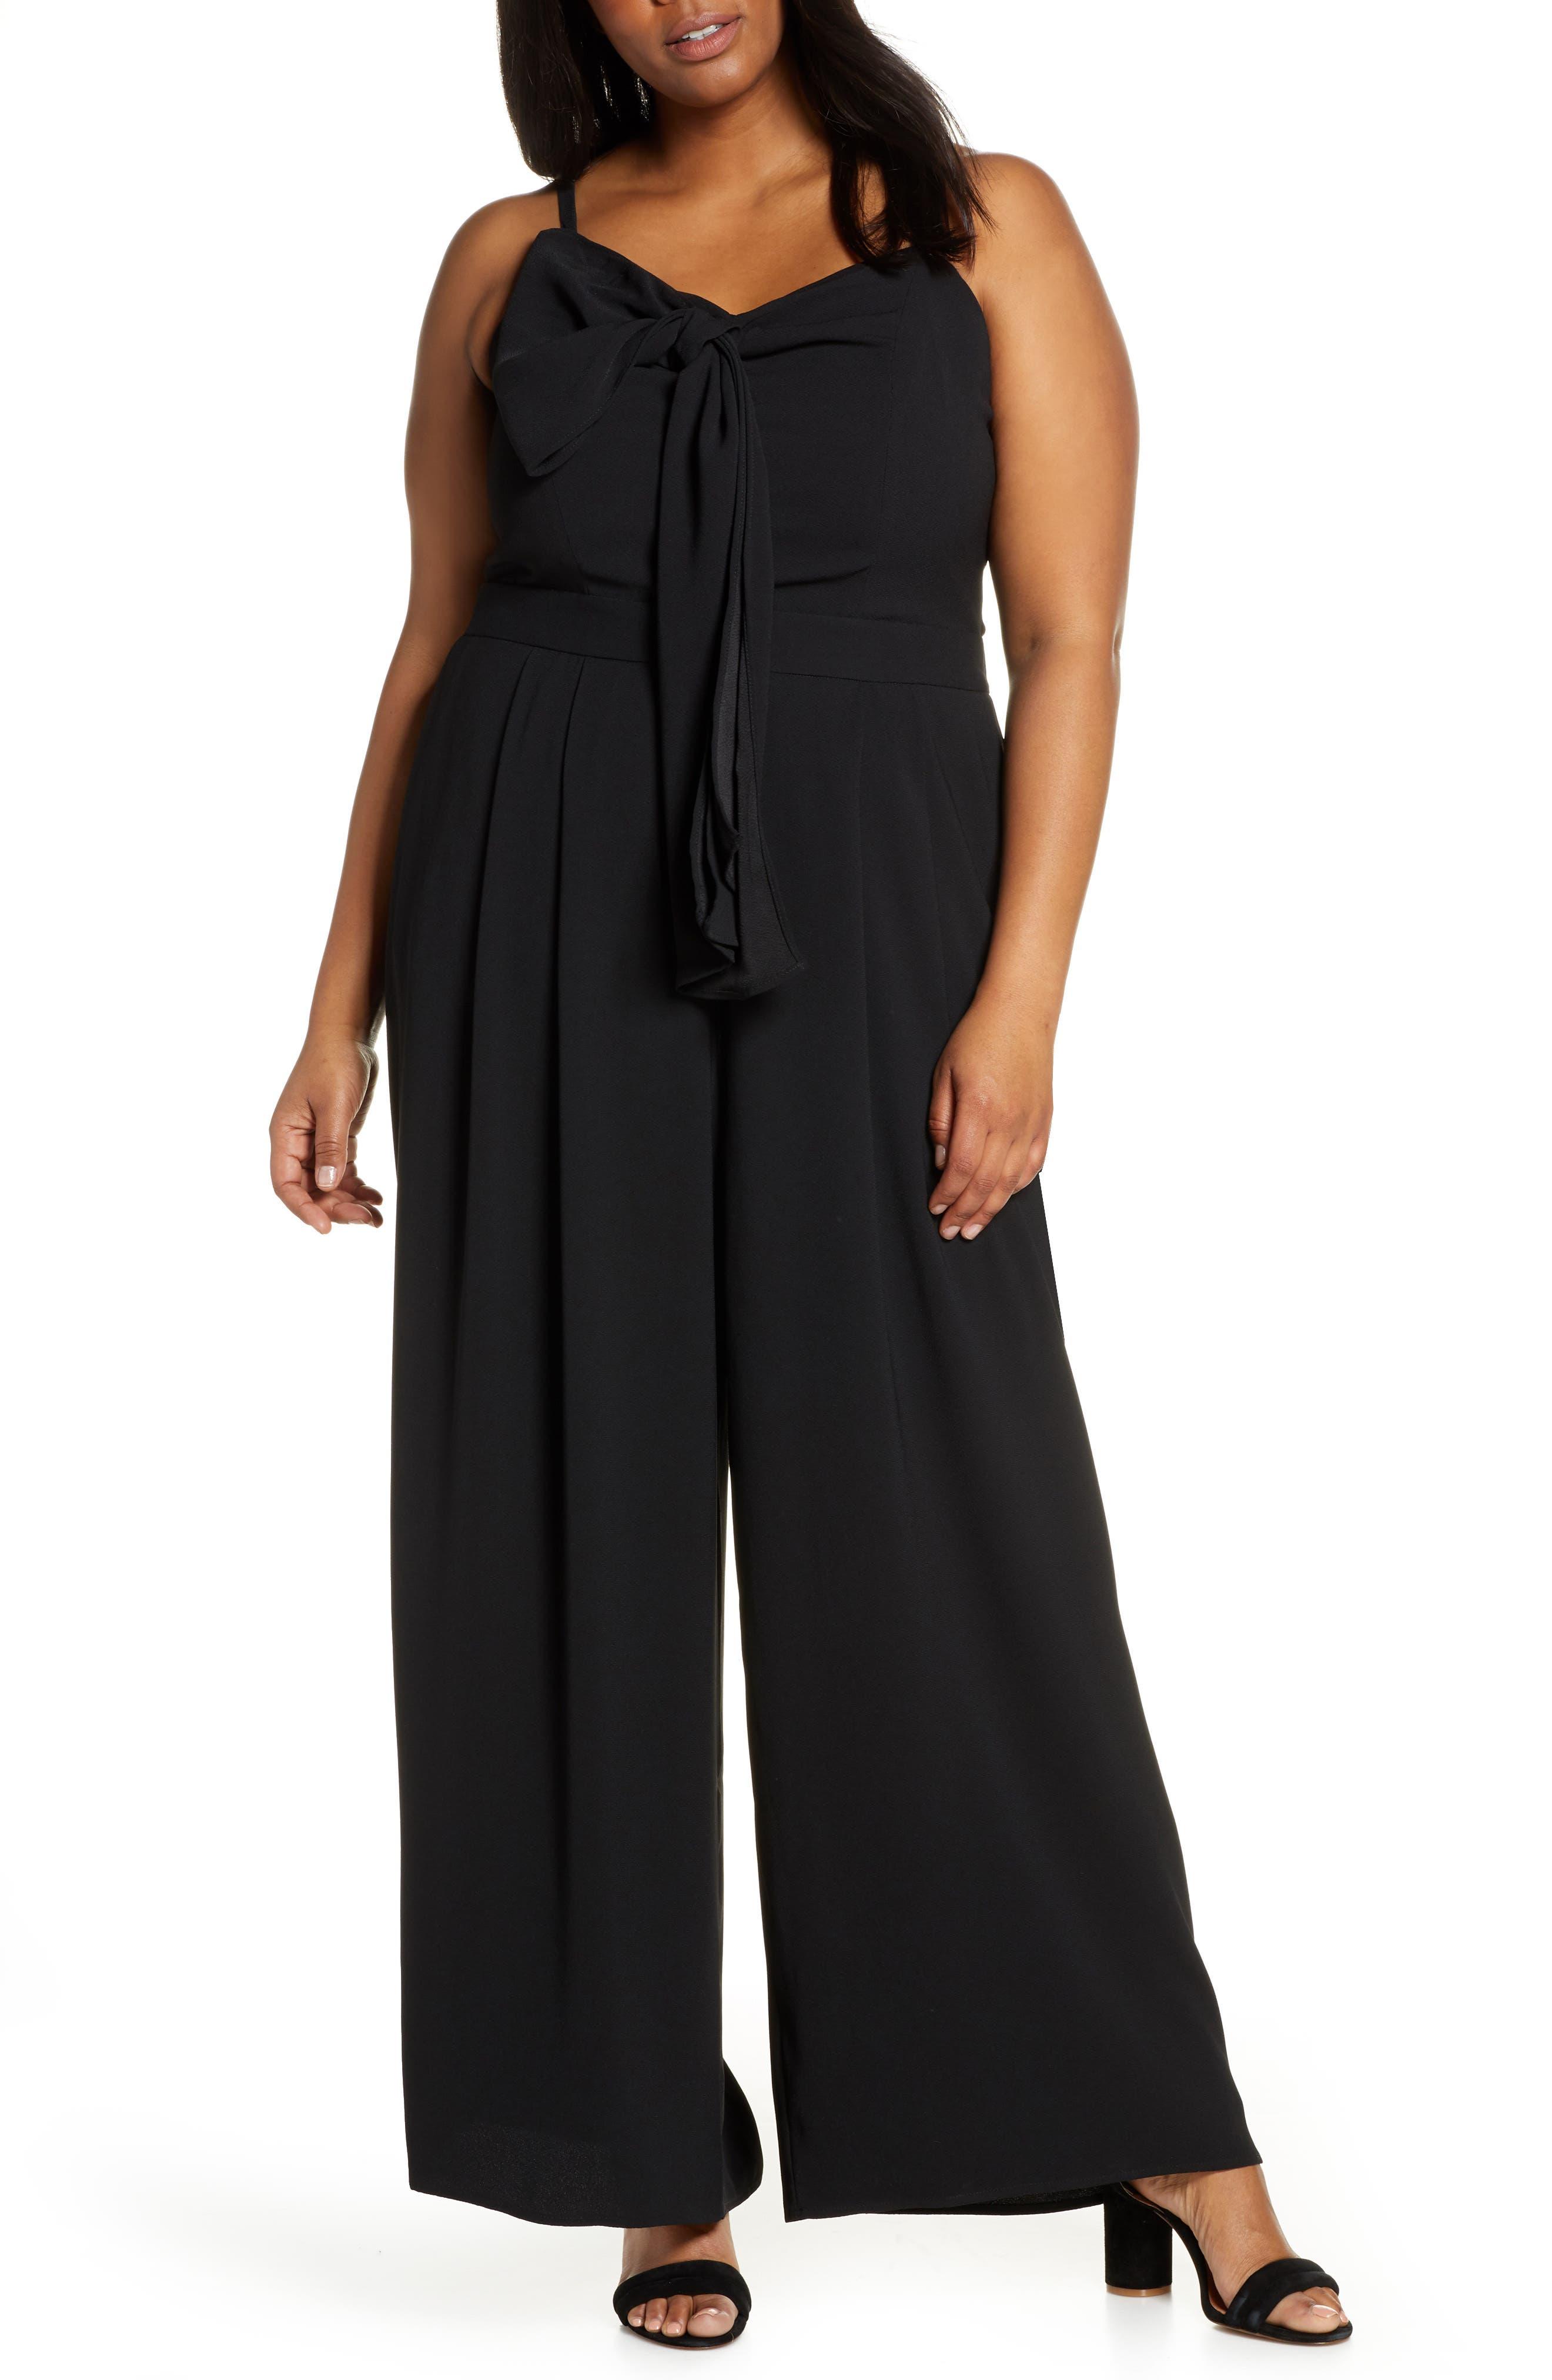 70s Jumpsuit | Disco Jumpsuits – Sequin, Striped, Gold, White, Black Plus Size Womens Eloquii Tie Front Wide Leg Jumpsuit Size 26W - Black $119.95 AT vintagedancer.com